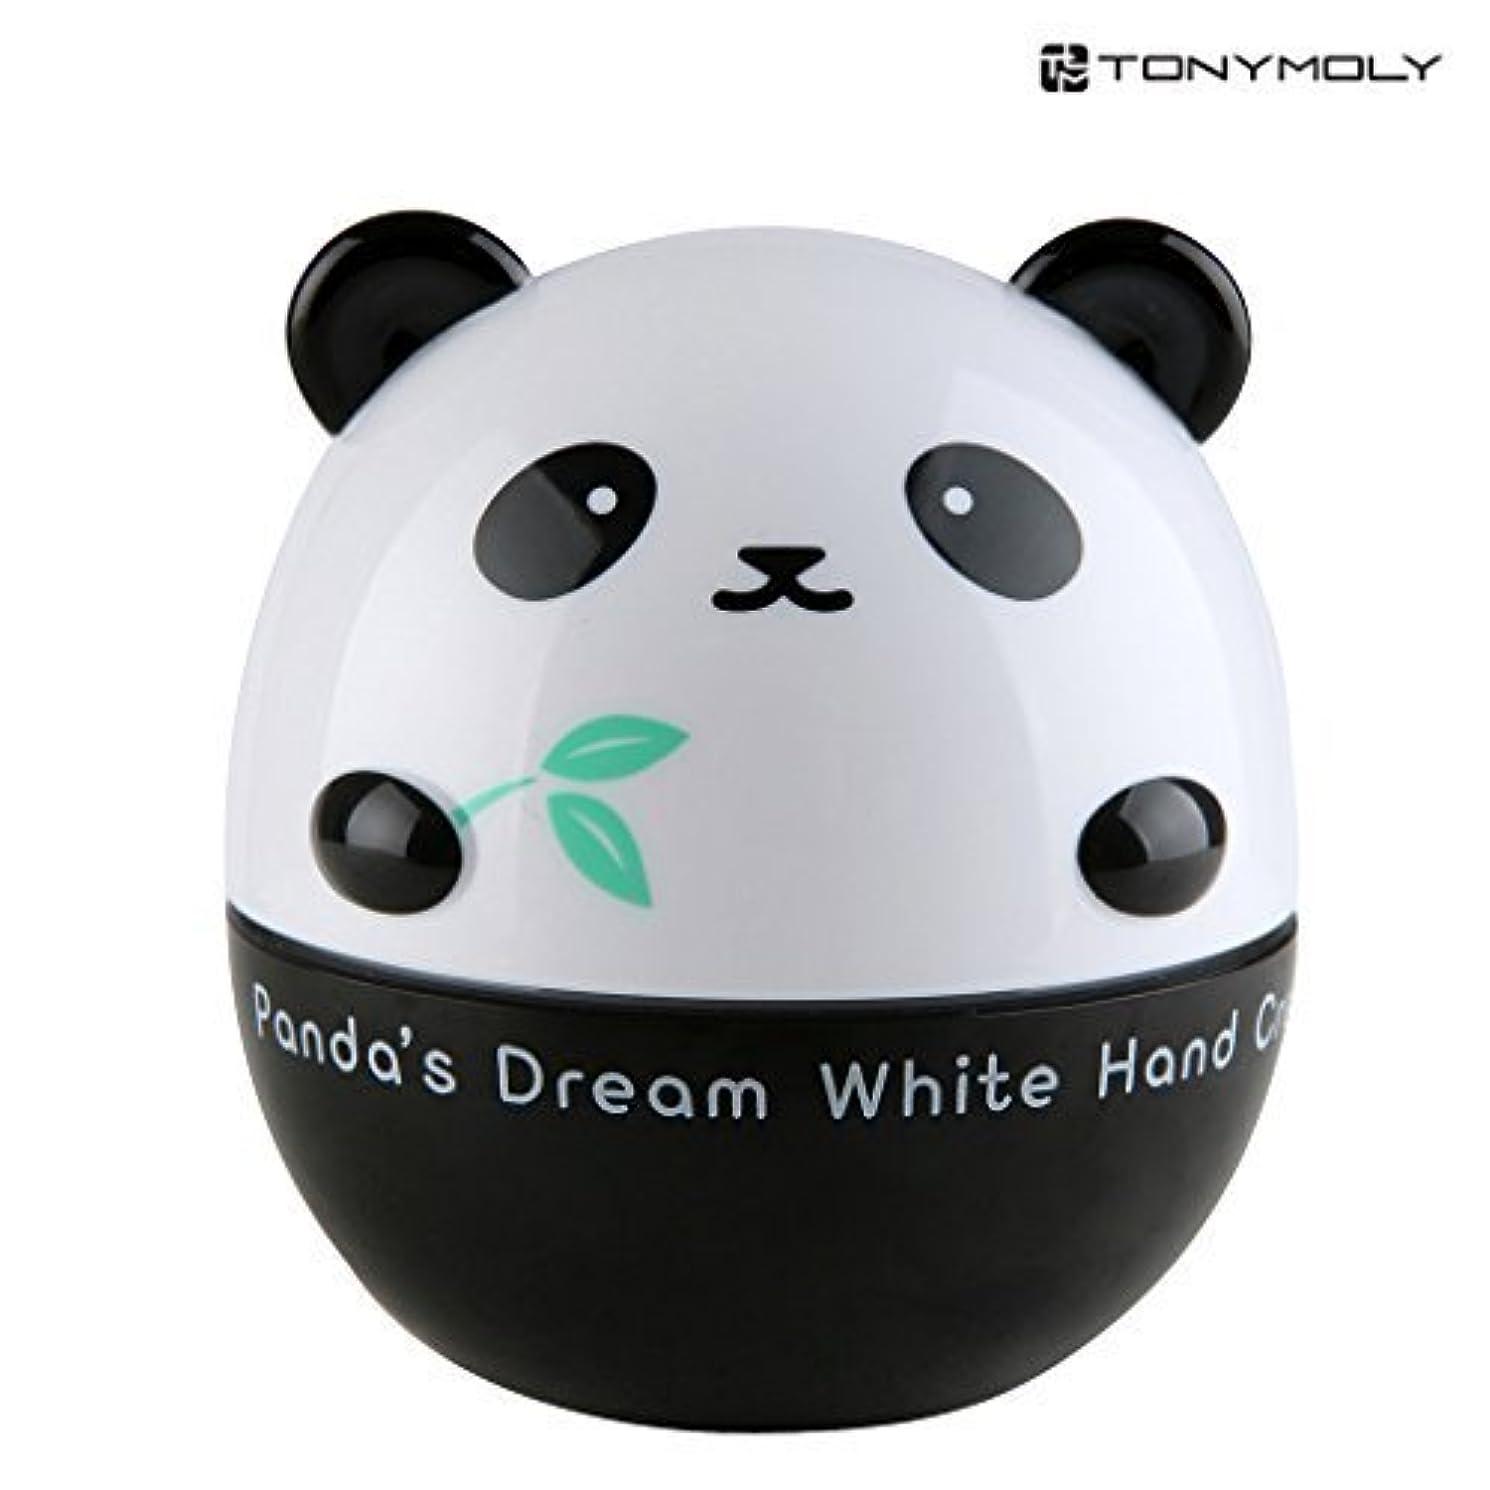 南西裸パノラマTONYMOLY Panda's Dream White Hand cream by TONYMOLY [並行輸入品]